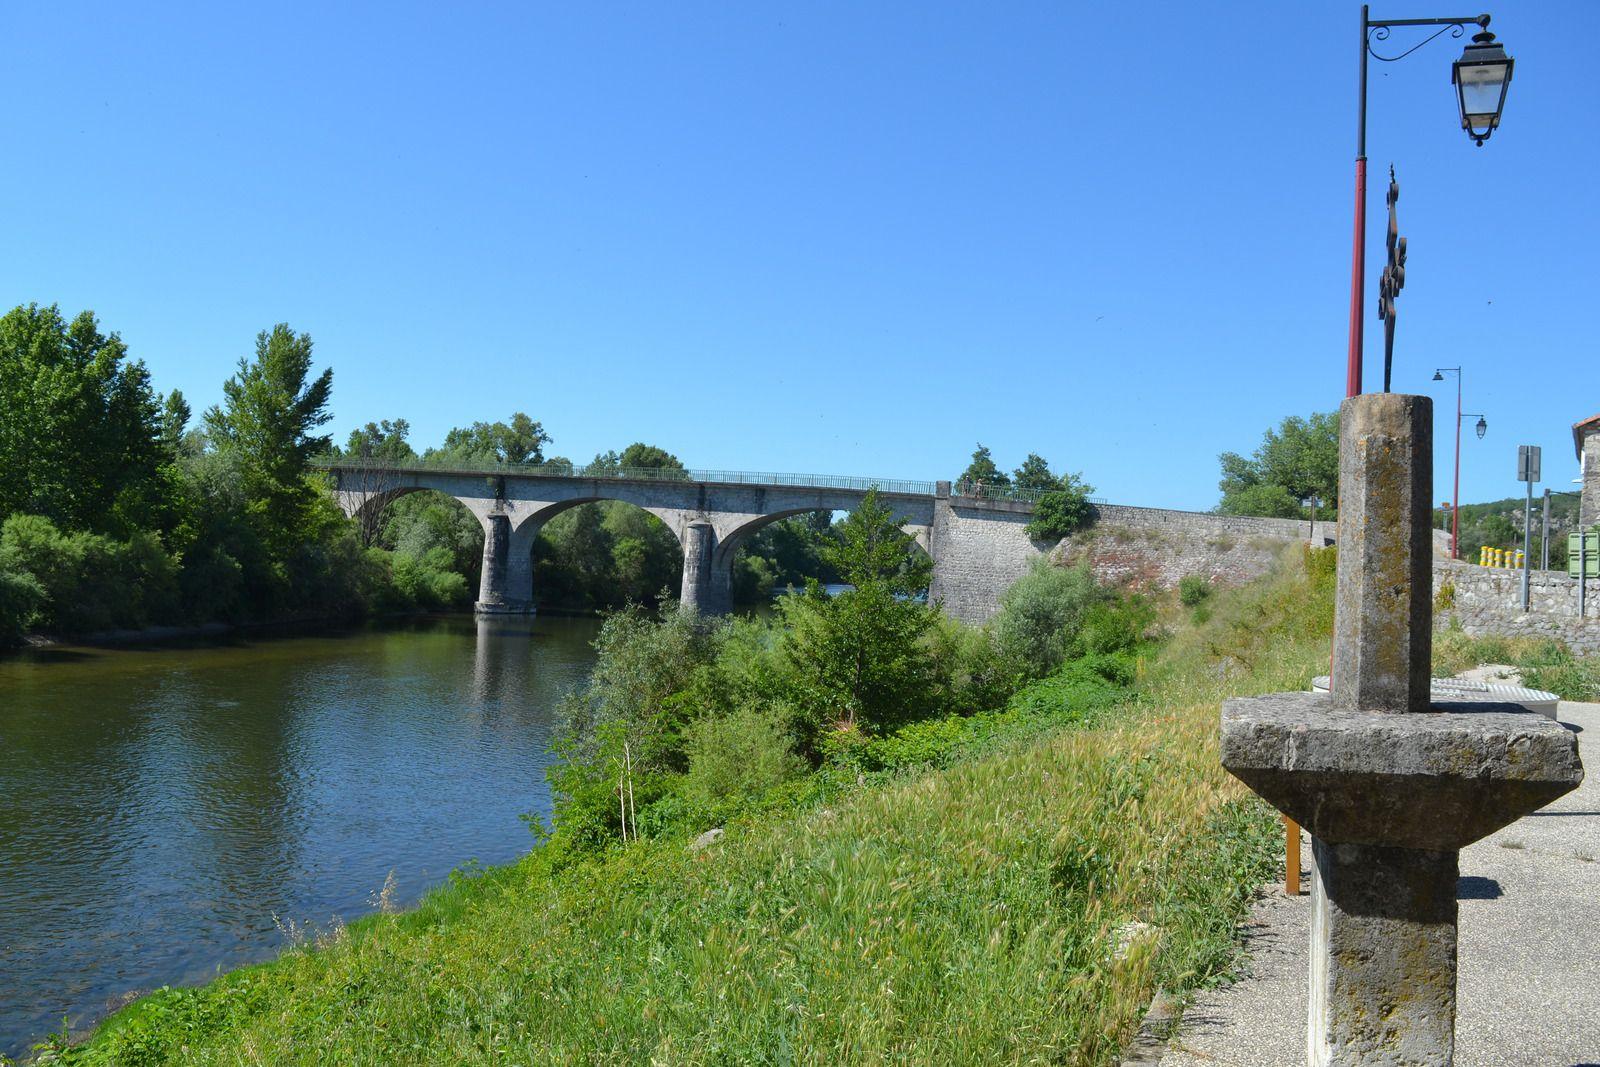 Petite commune de moins de 500 âmes située en bordure le l'Ardèche, la célèbre rivière du département.